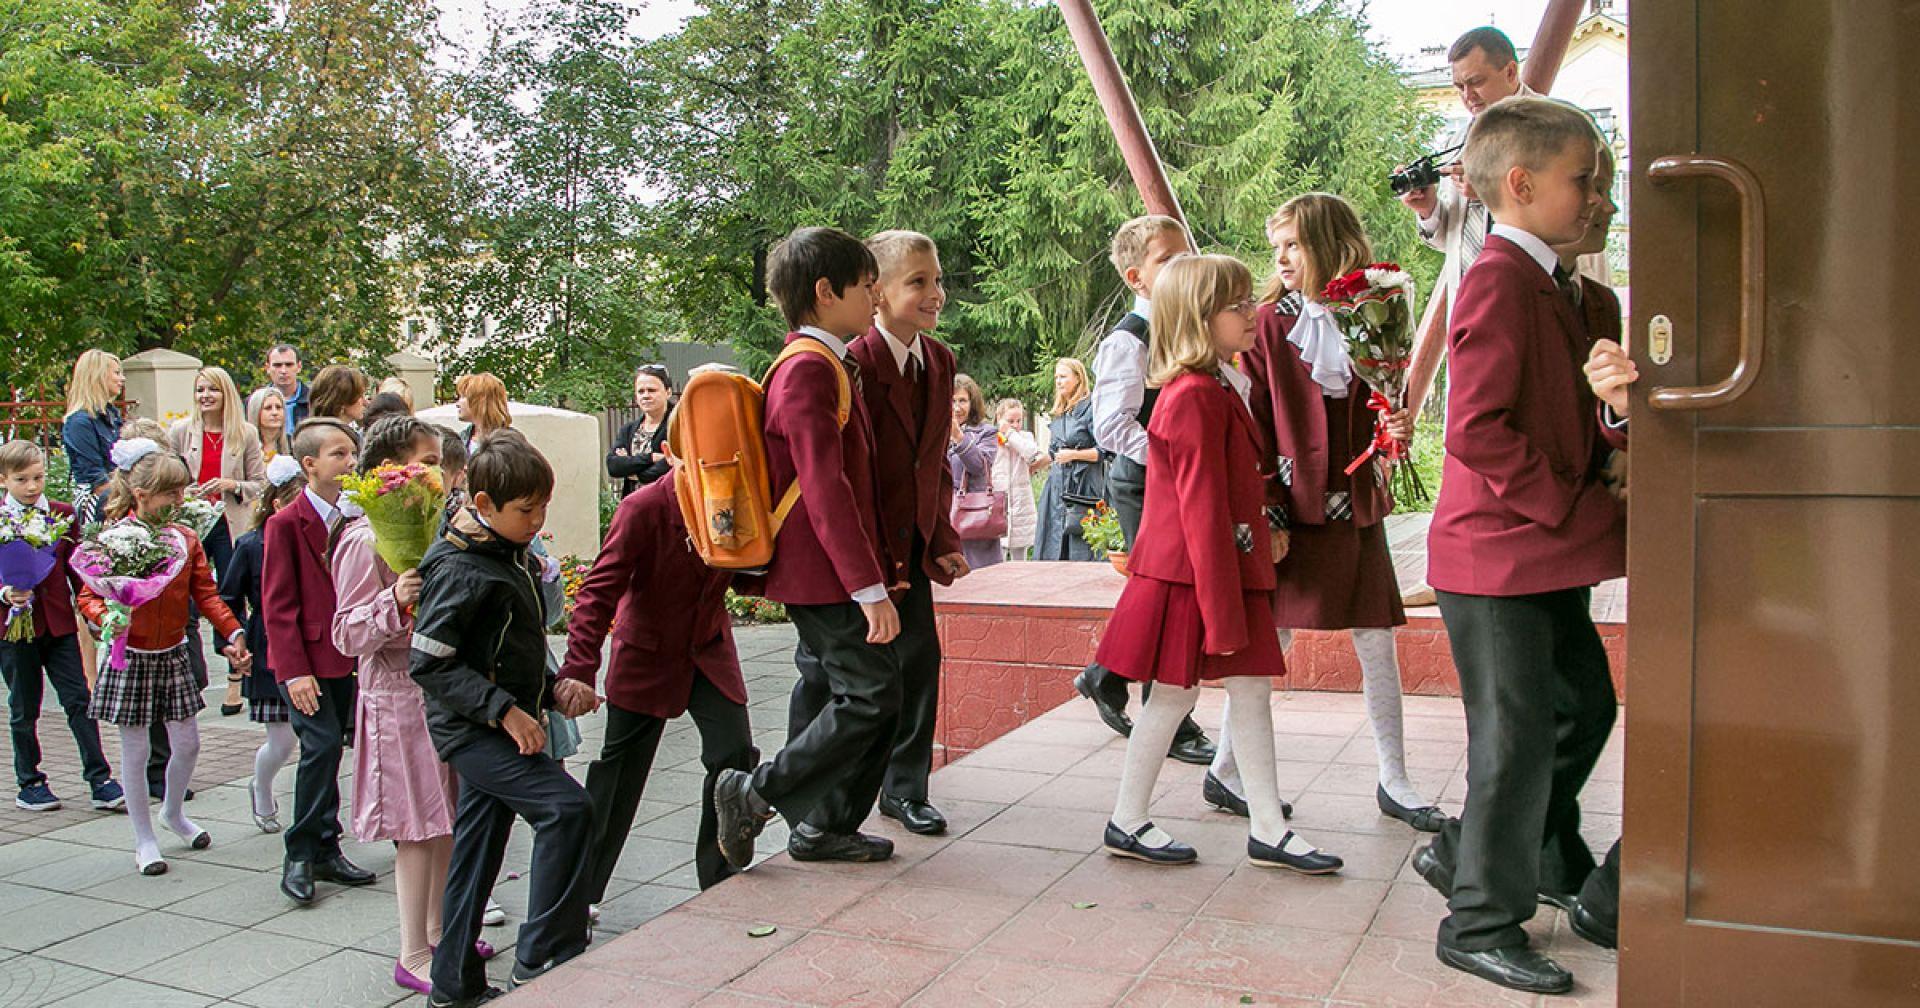 Система записи детей в первый класс готова к началу приёма заявлений в Новосибирской области